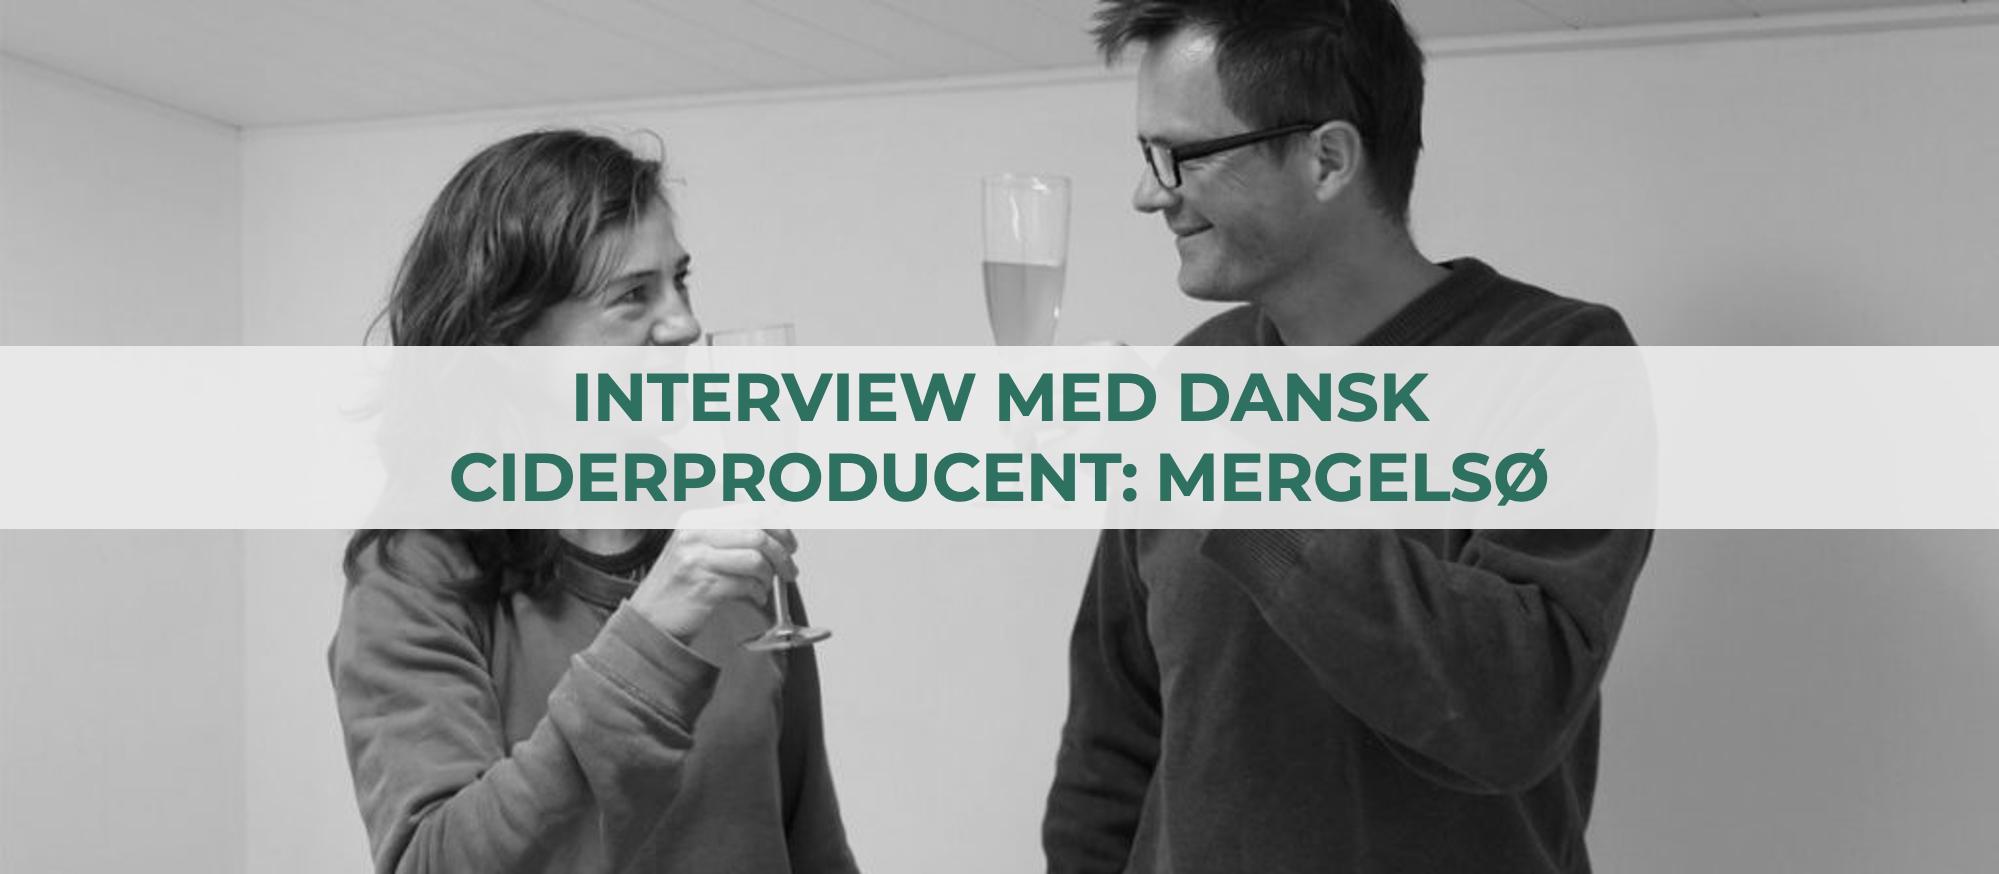 Mergelsø Interview